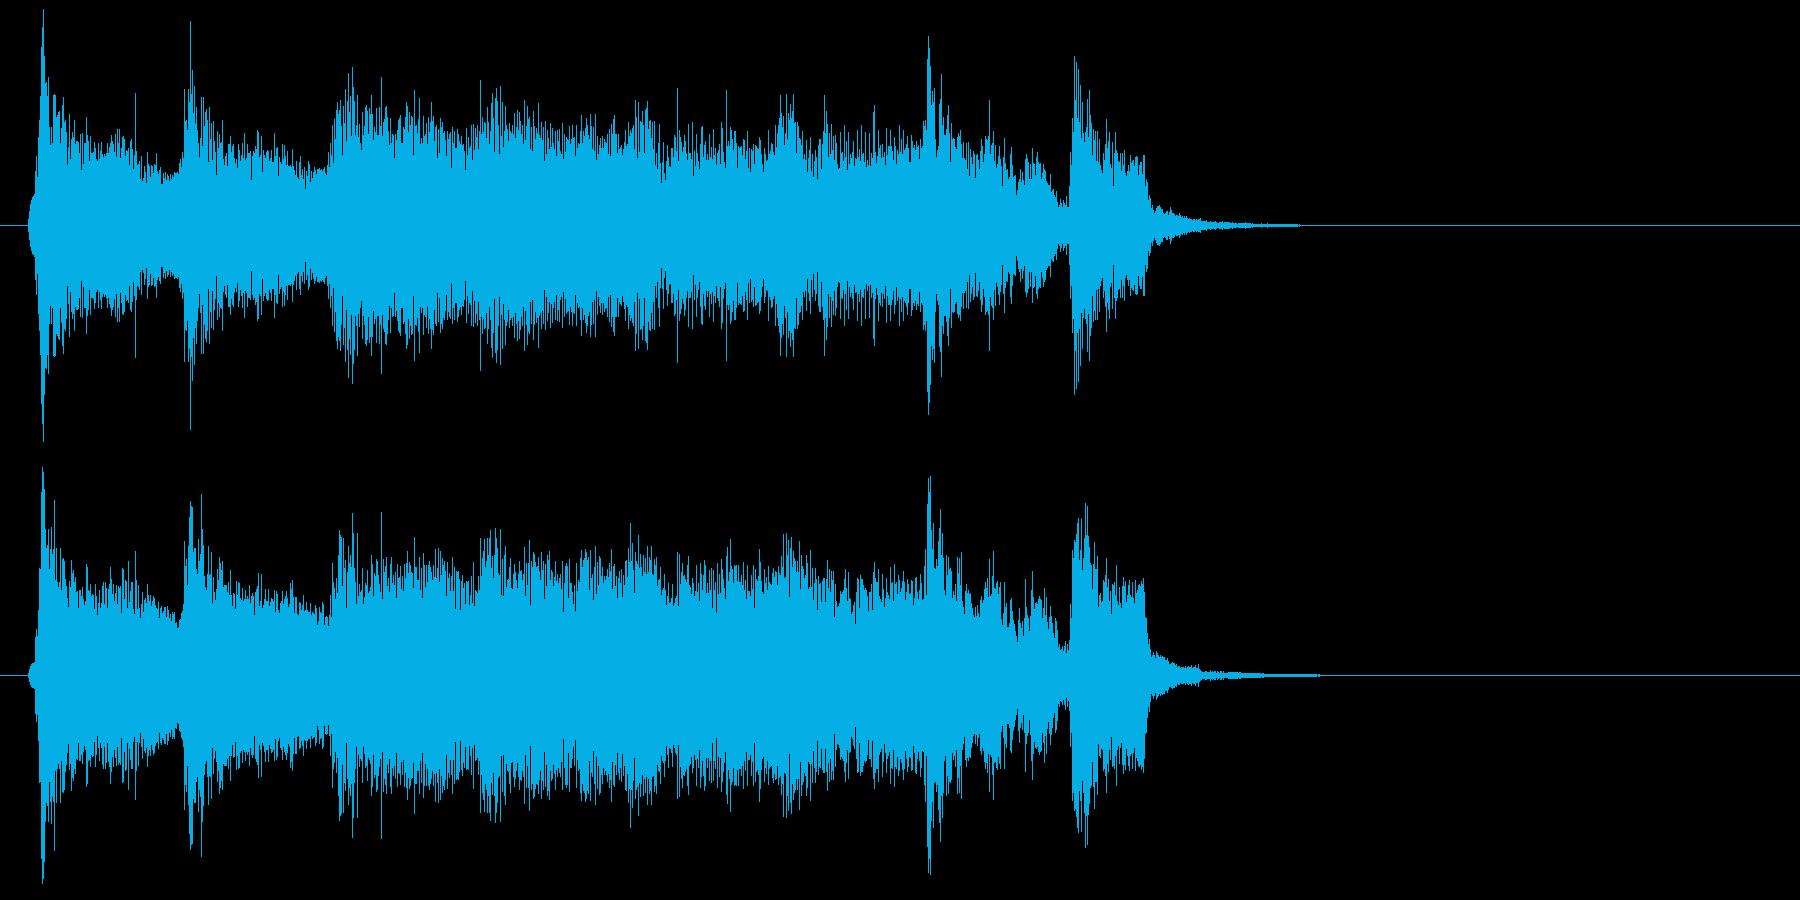 明るく可愛らしいアイリッシュ系ジングルの再生済みの波形